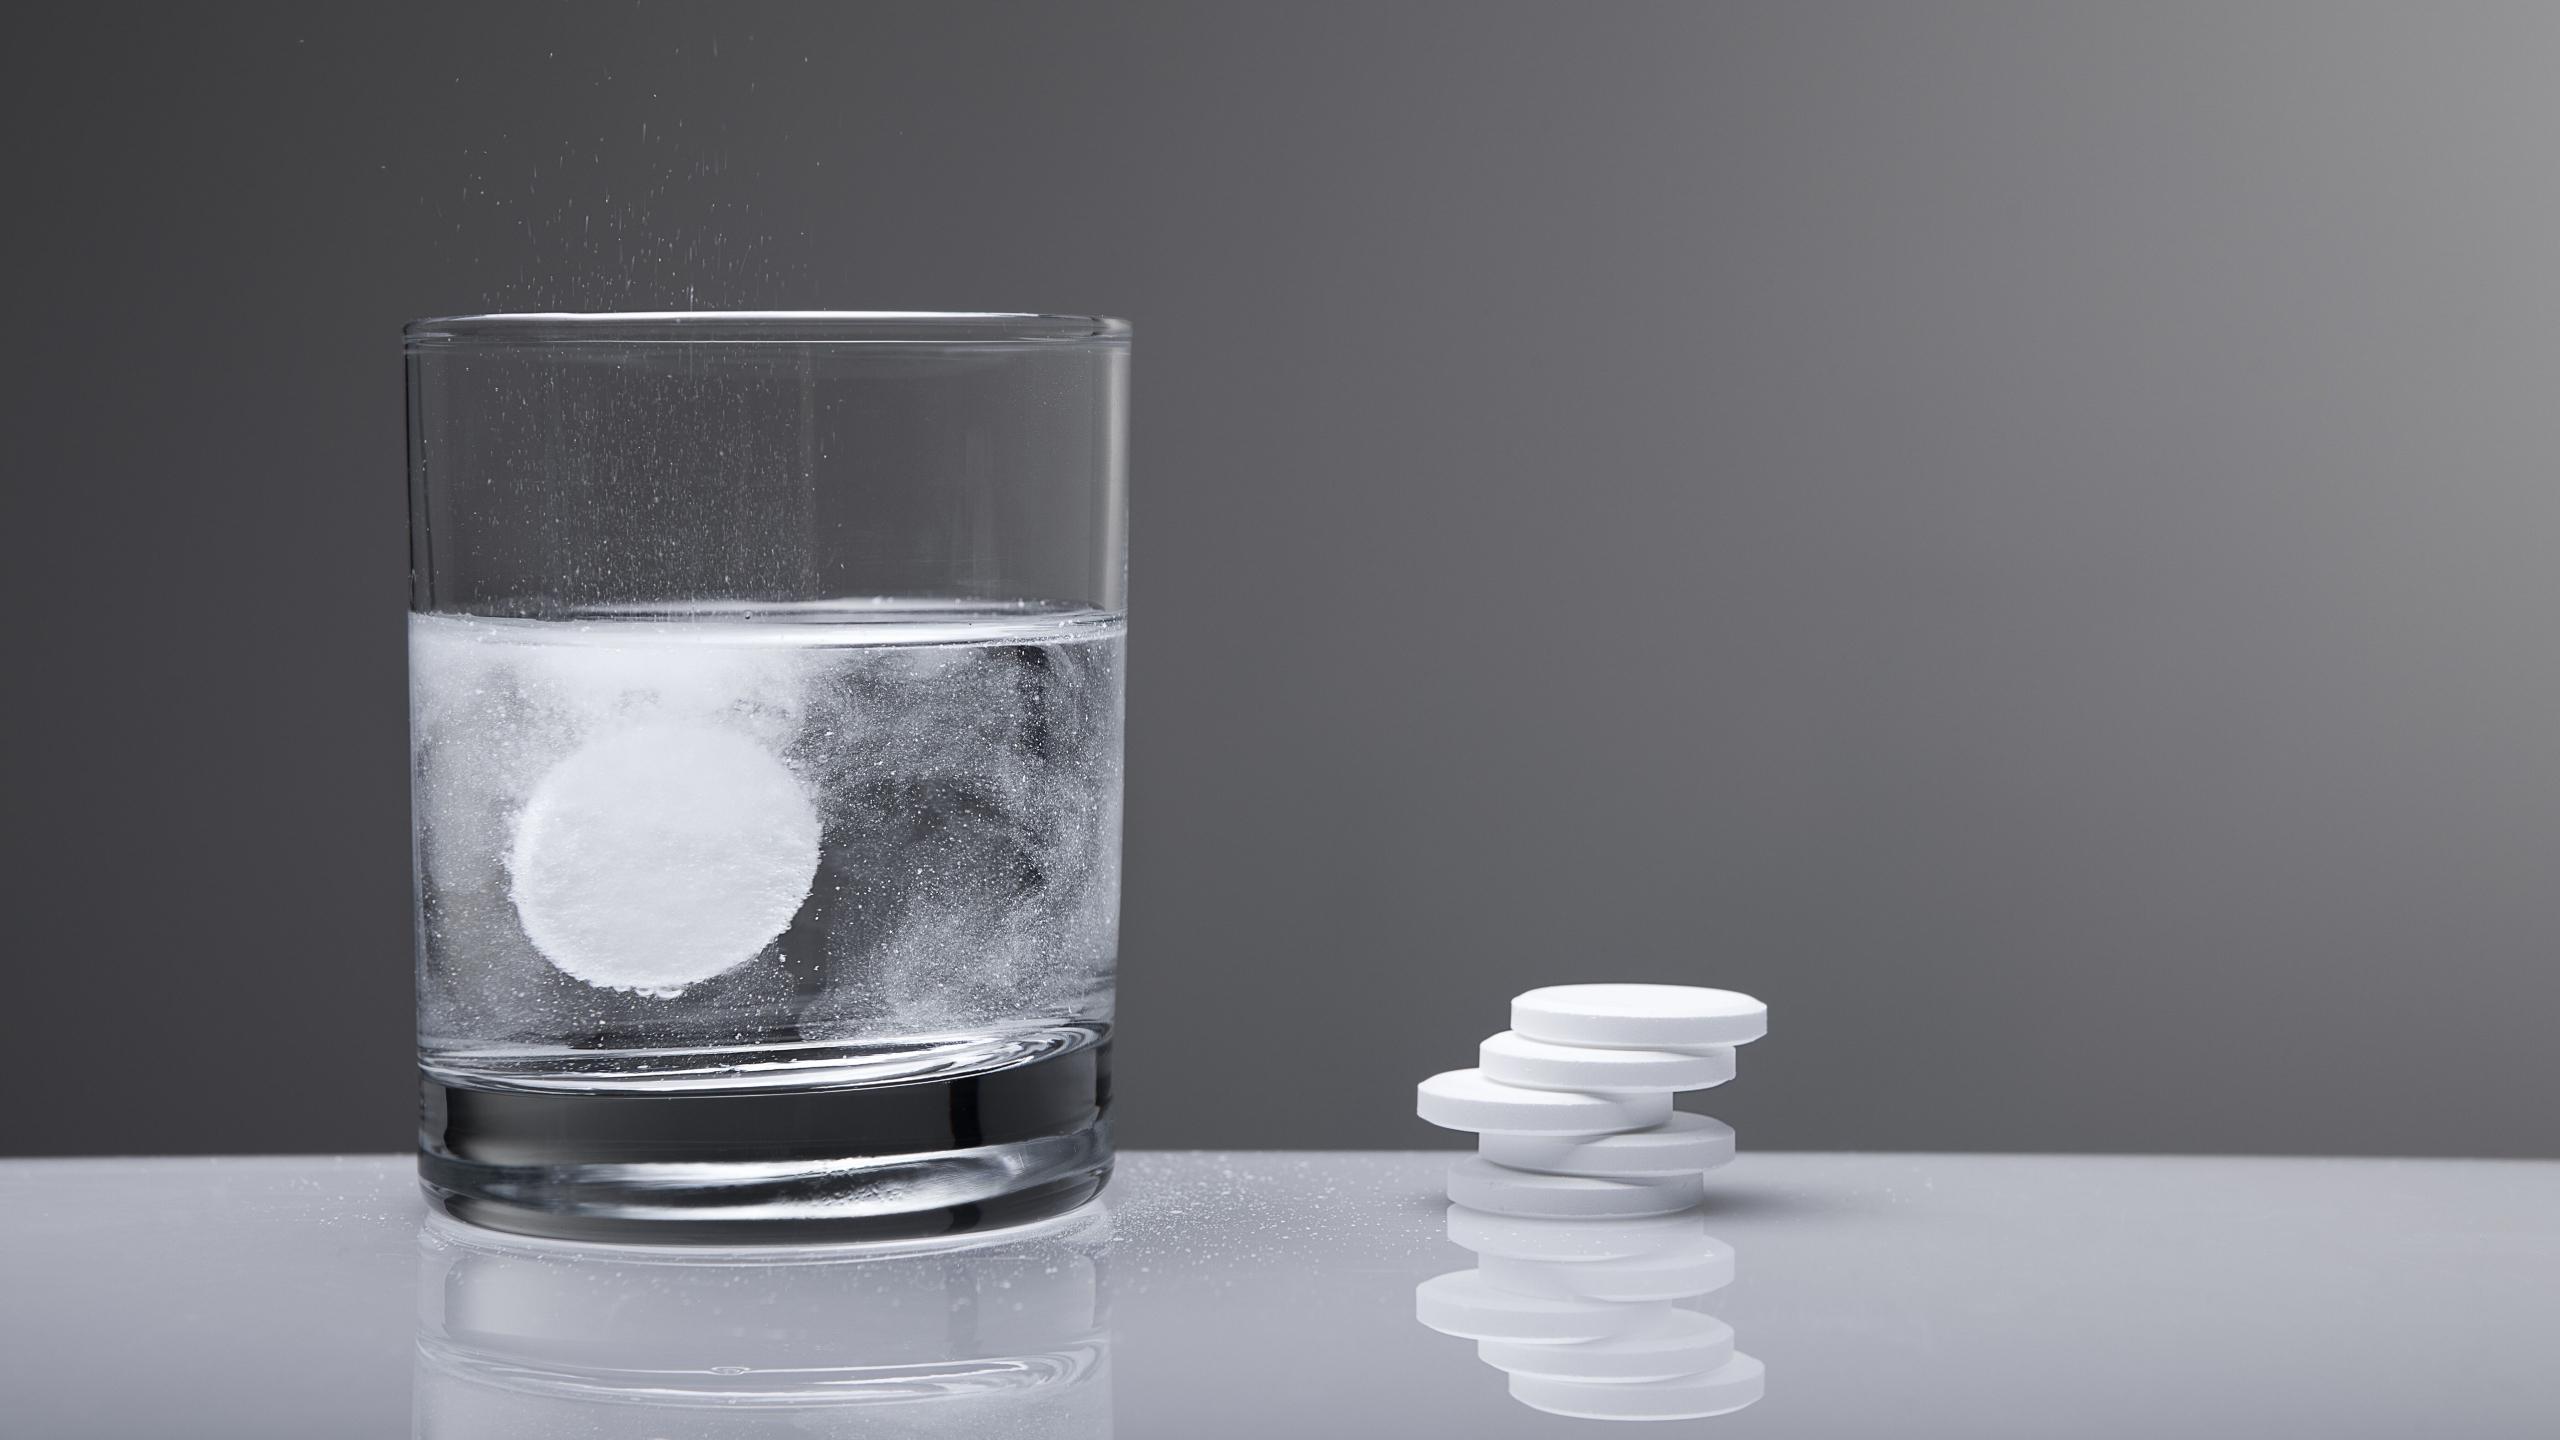 Многолетний прием аспирина способствует снижению риска рака